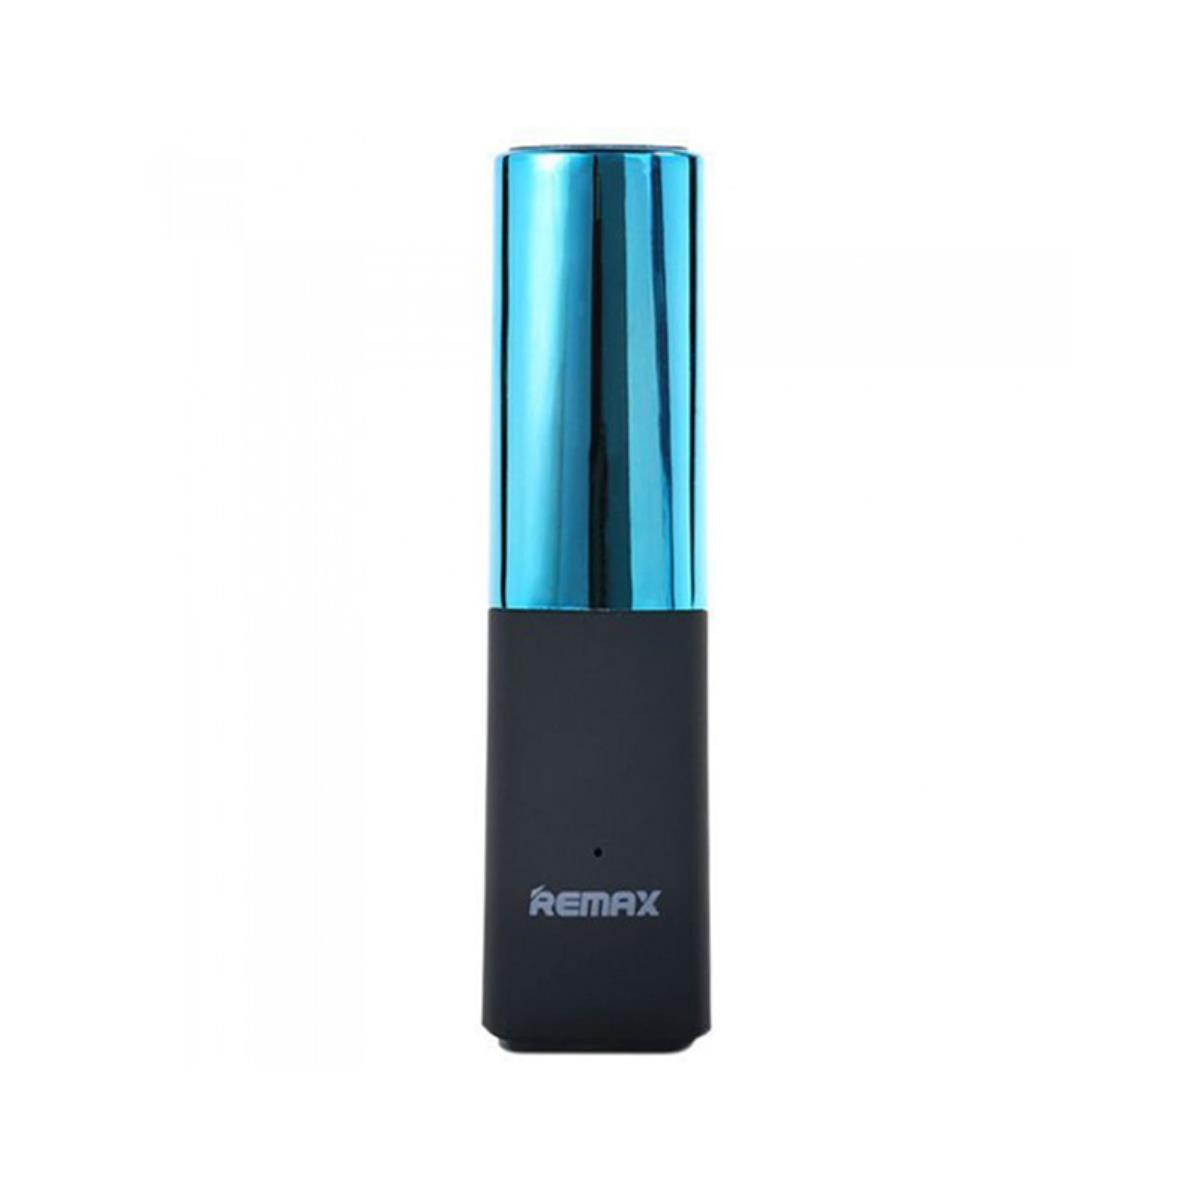 HUAWEI P20 LITE 64GB/4GB DUAL SIM SAKURA PINK